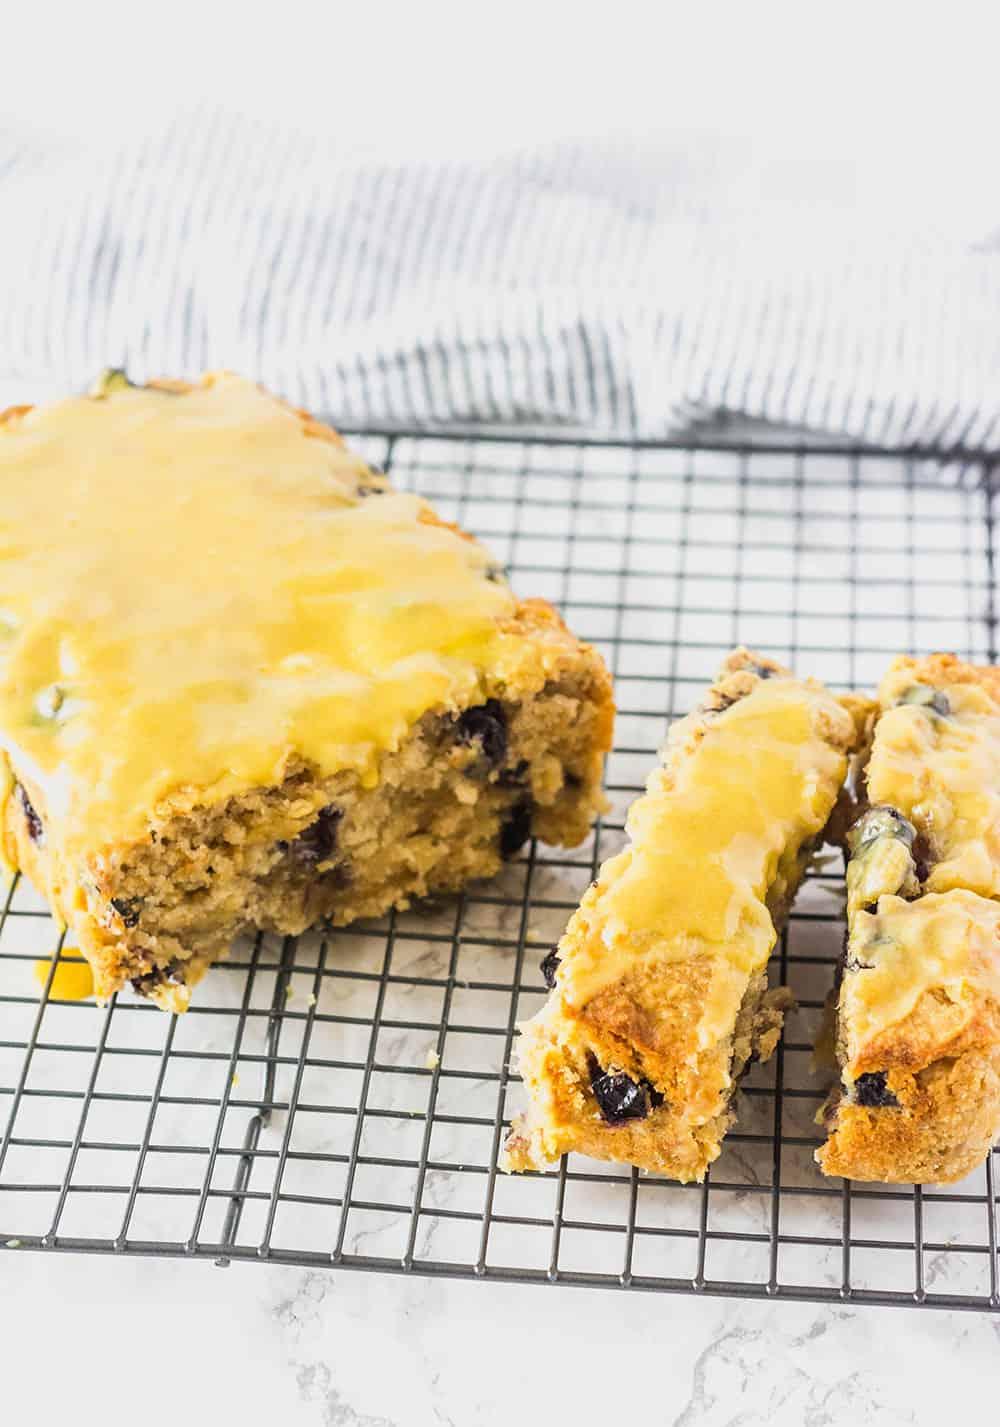 Vegan Blueberry Pineapple Bread